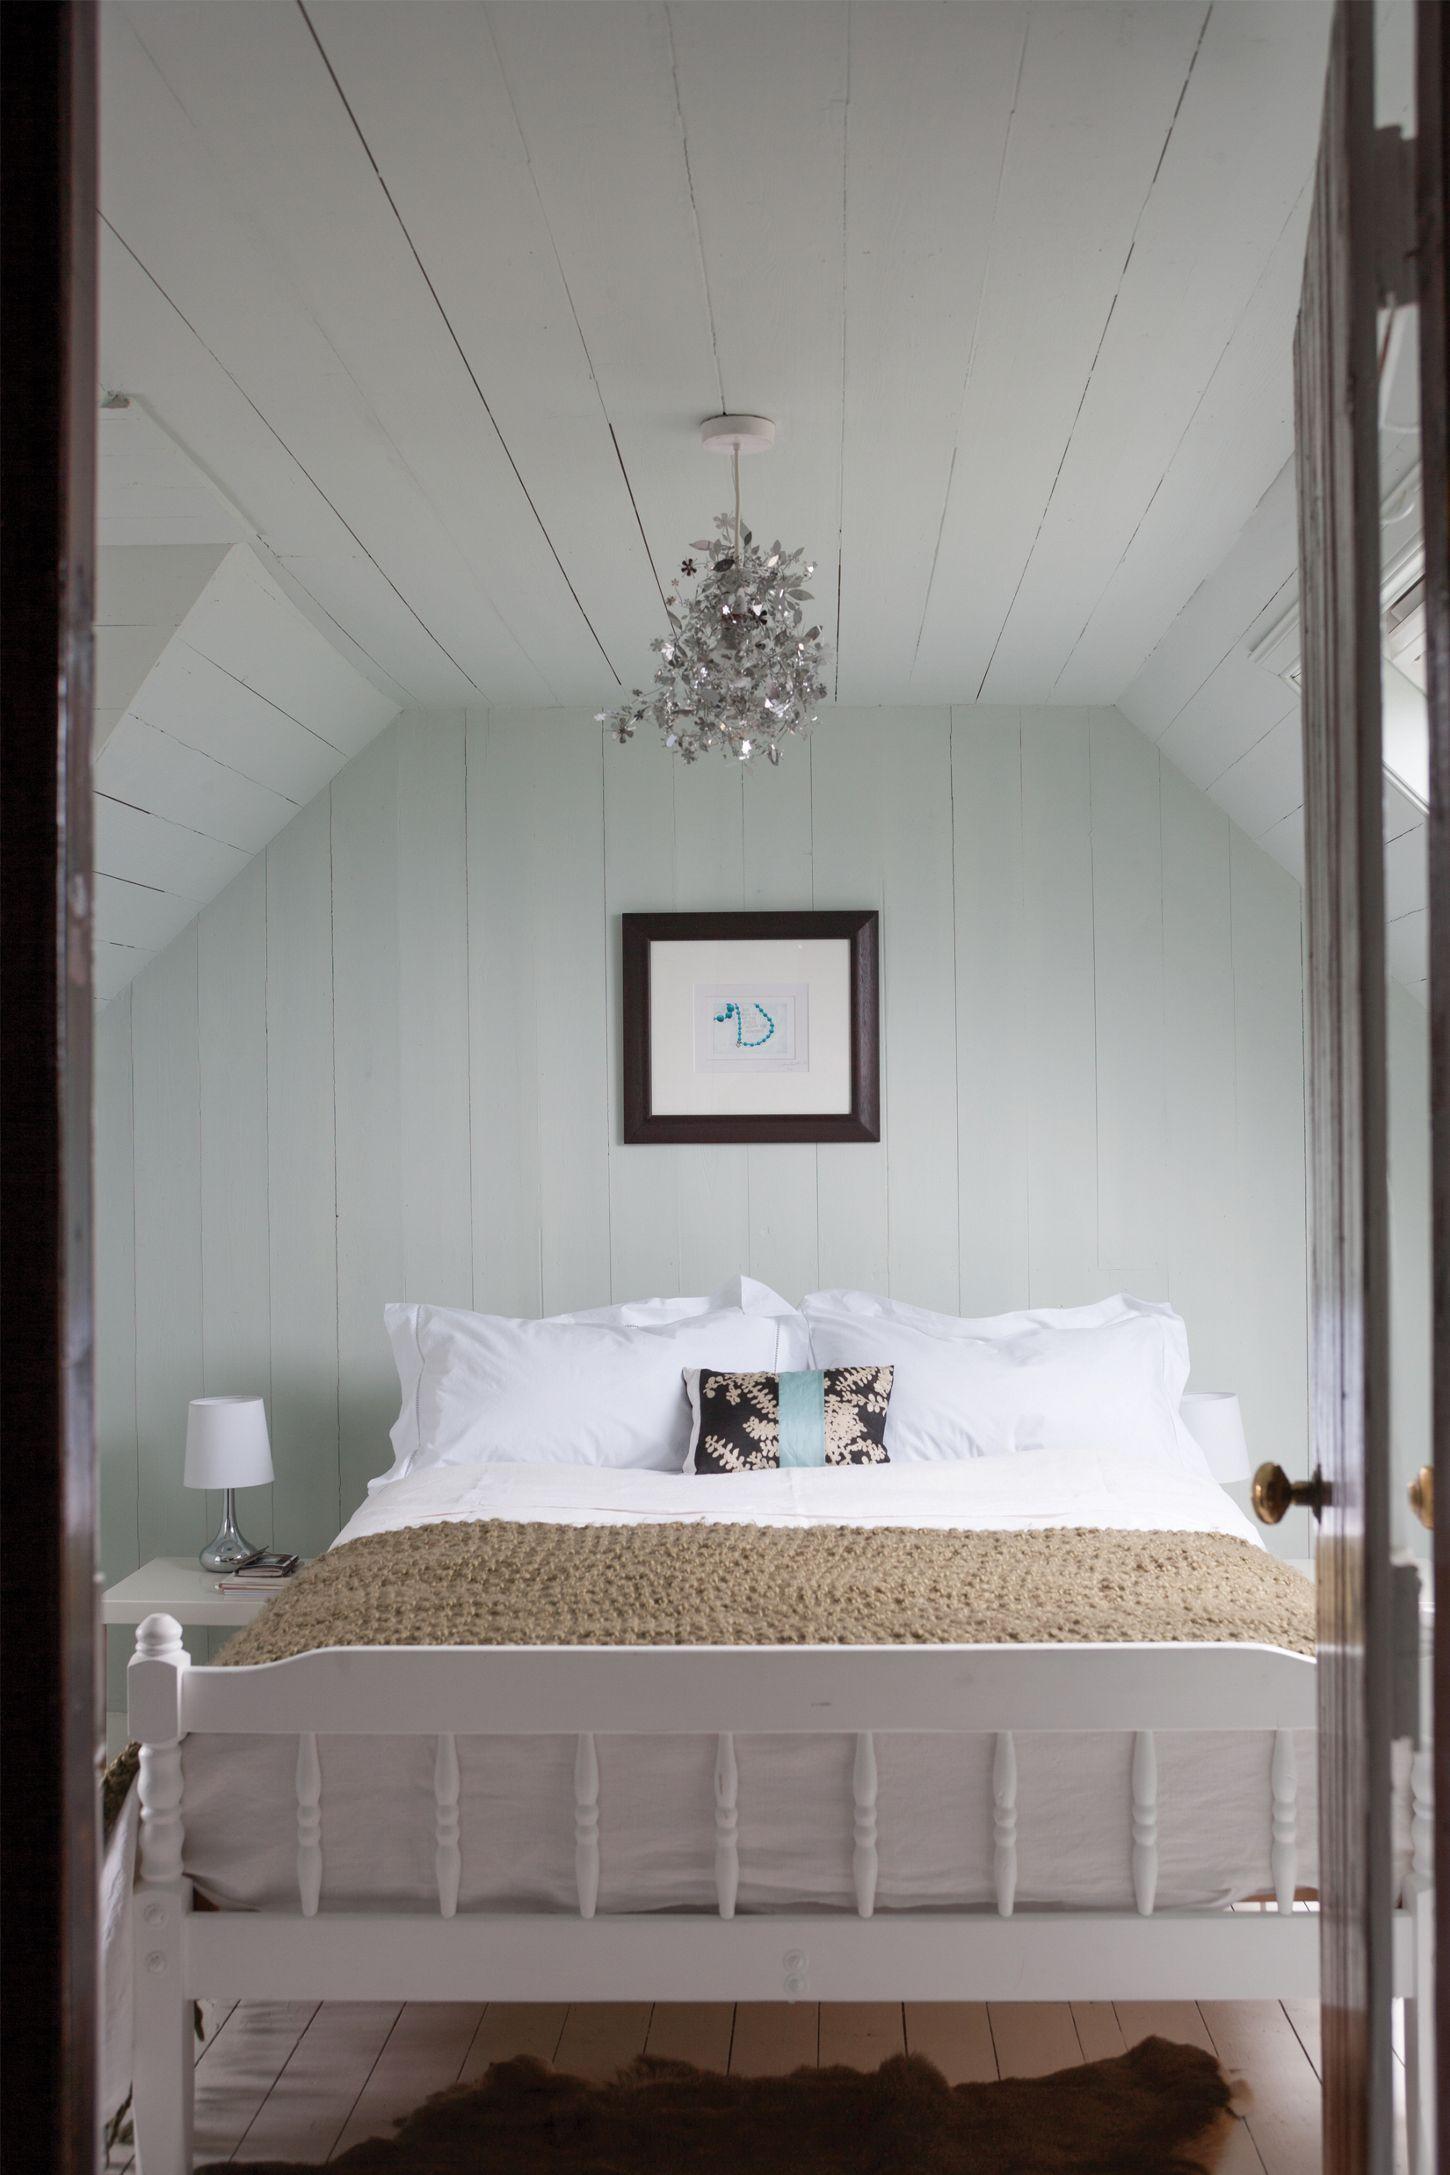 Cabbage White No 269 1 Gallon In 2021 Small Bedroom Decor Farrow And Ball Bedroom Small Bedroom